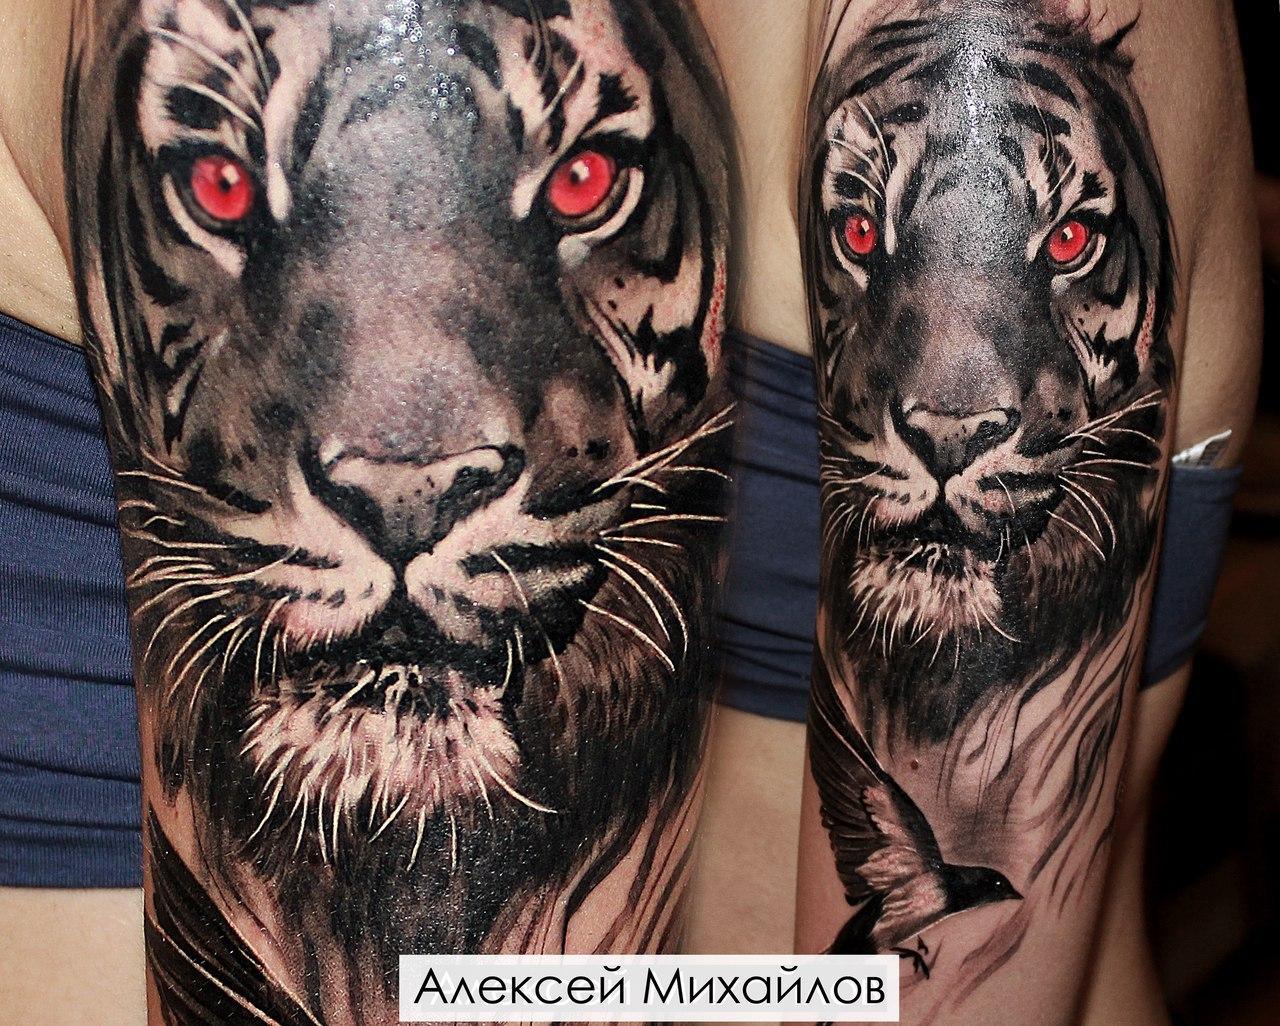 фото тигра тату на плече